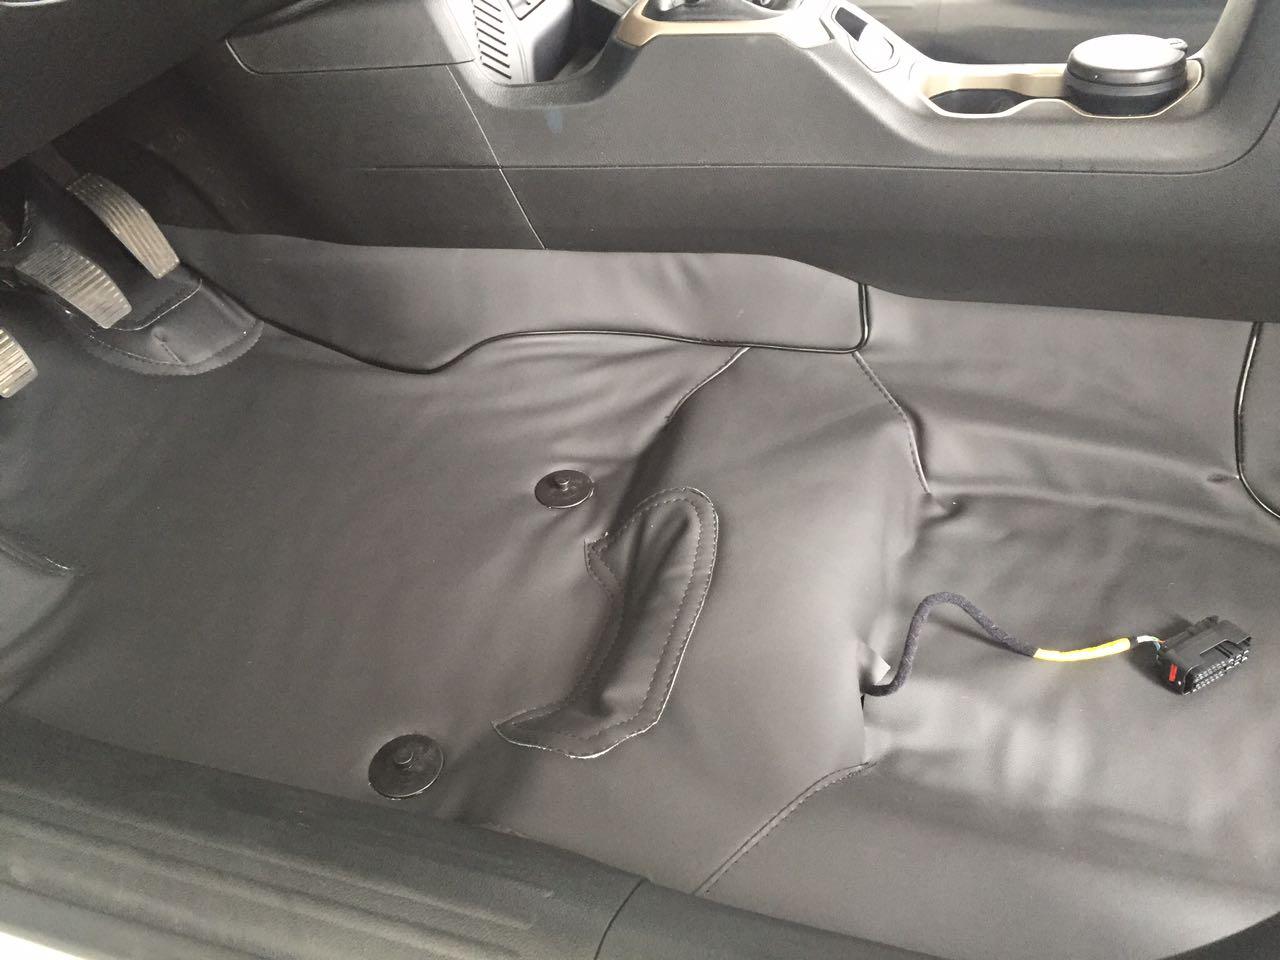 Forro Super Luxo Automotivo Assoalho Para Duster todos